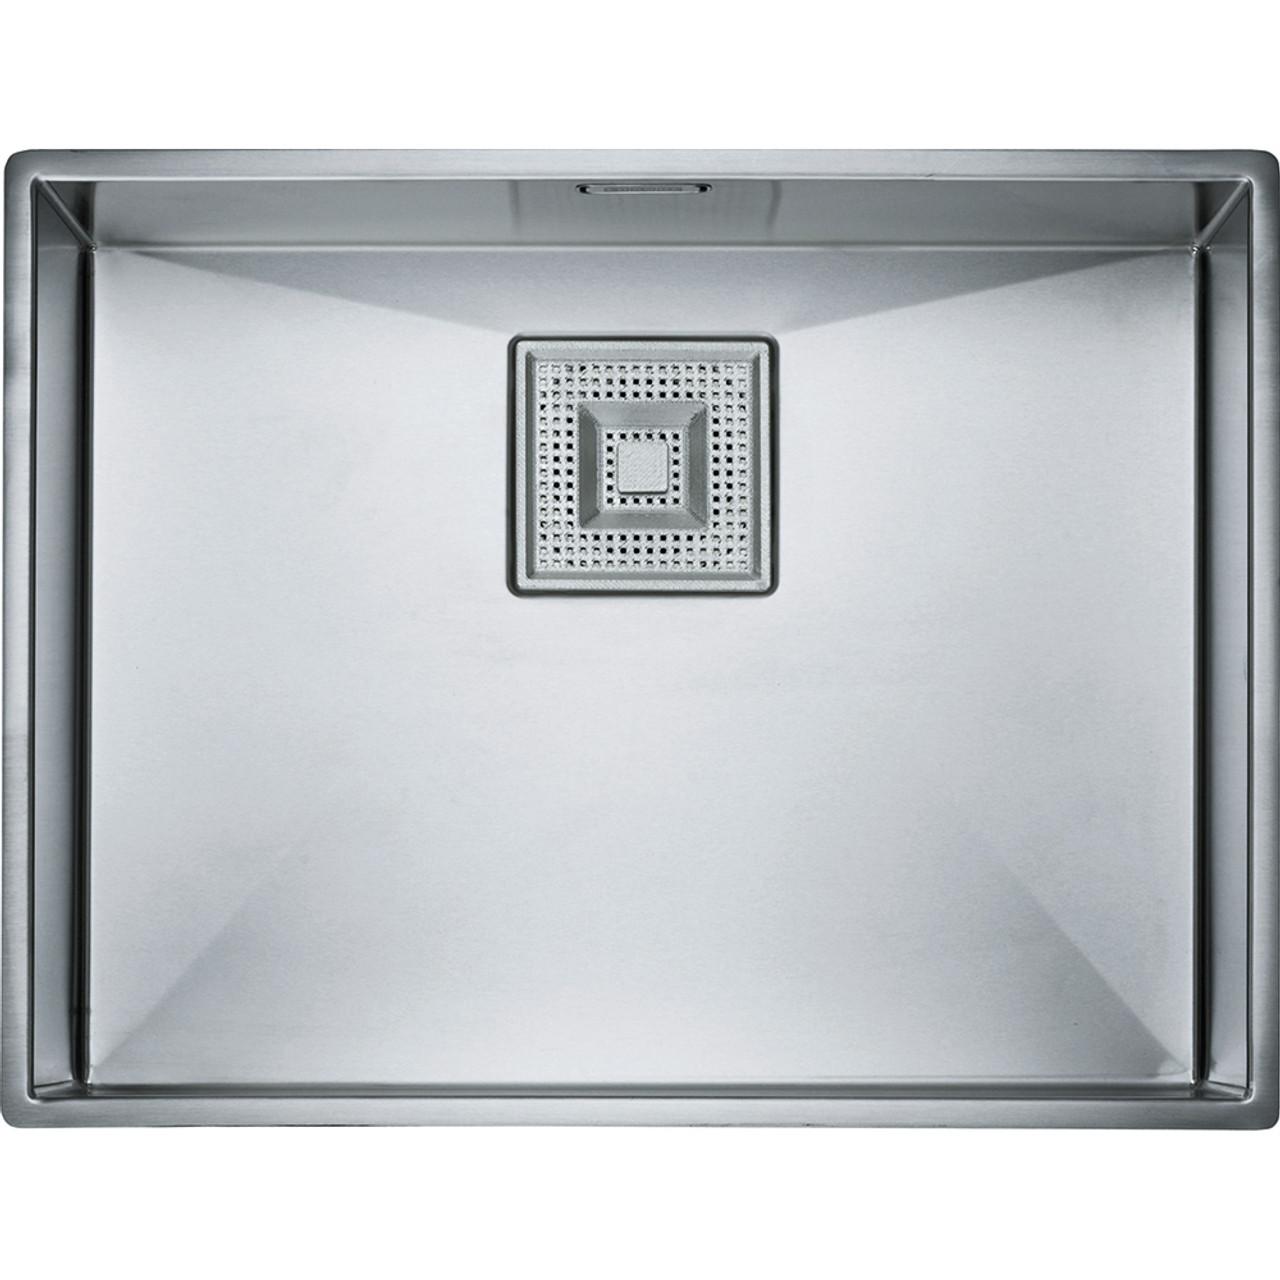 Define Kitchen Sink Kitchen Sinking Meaning Large Size Of: Franke Peak PKX110 55 Stainless Steel Kitchen Sink